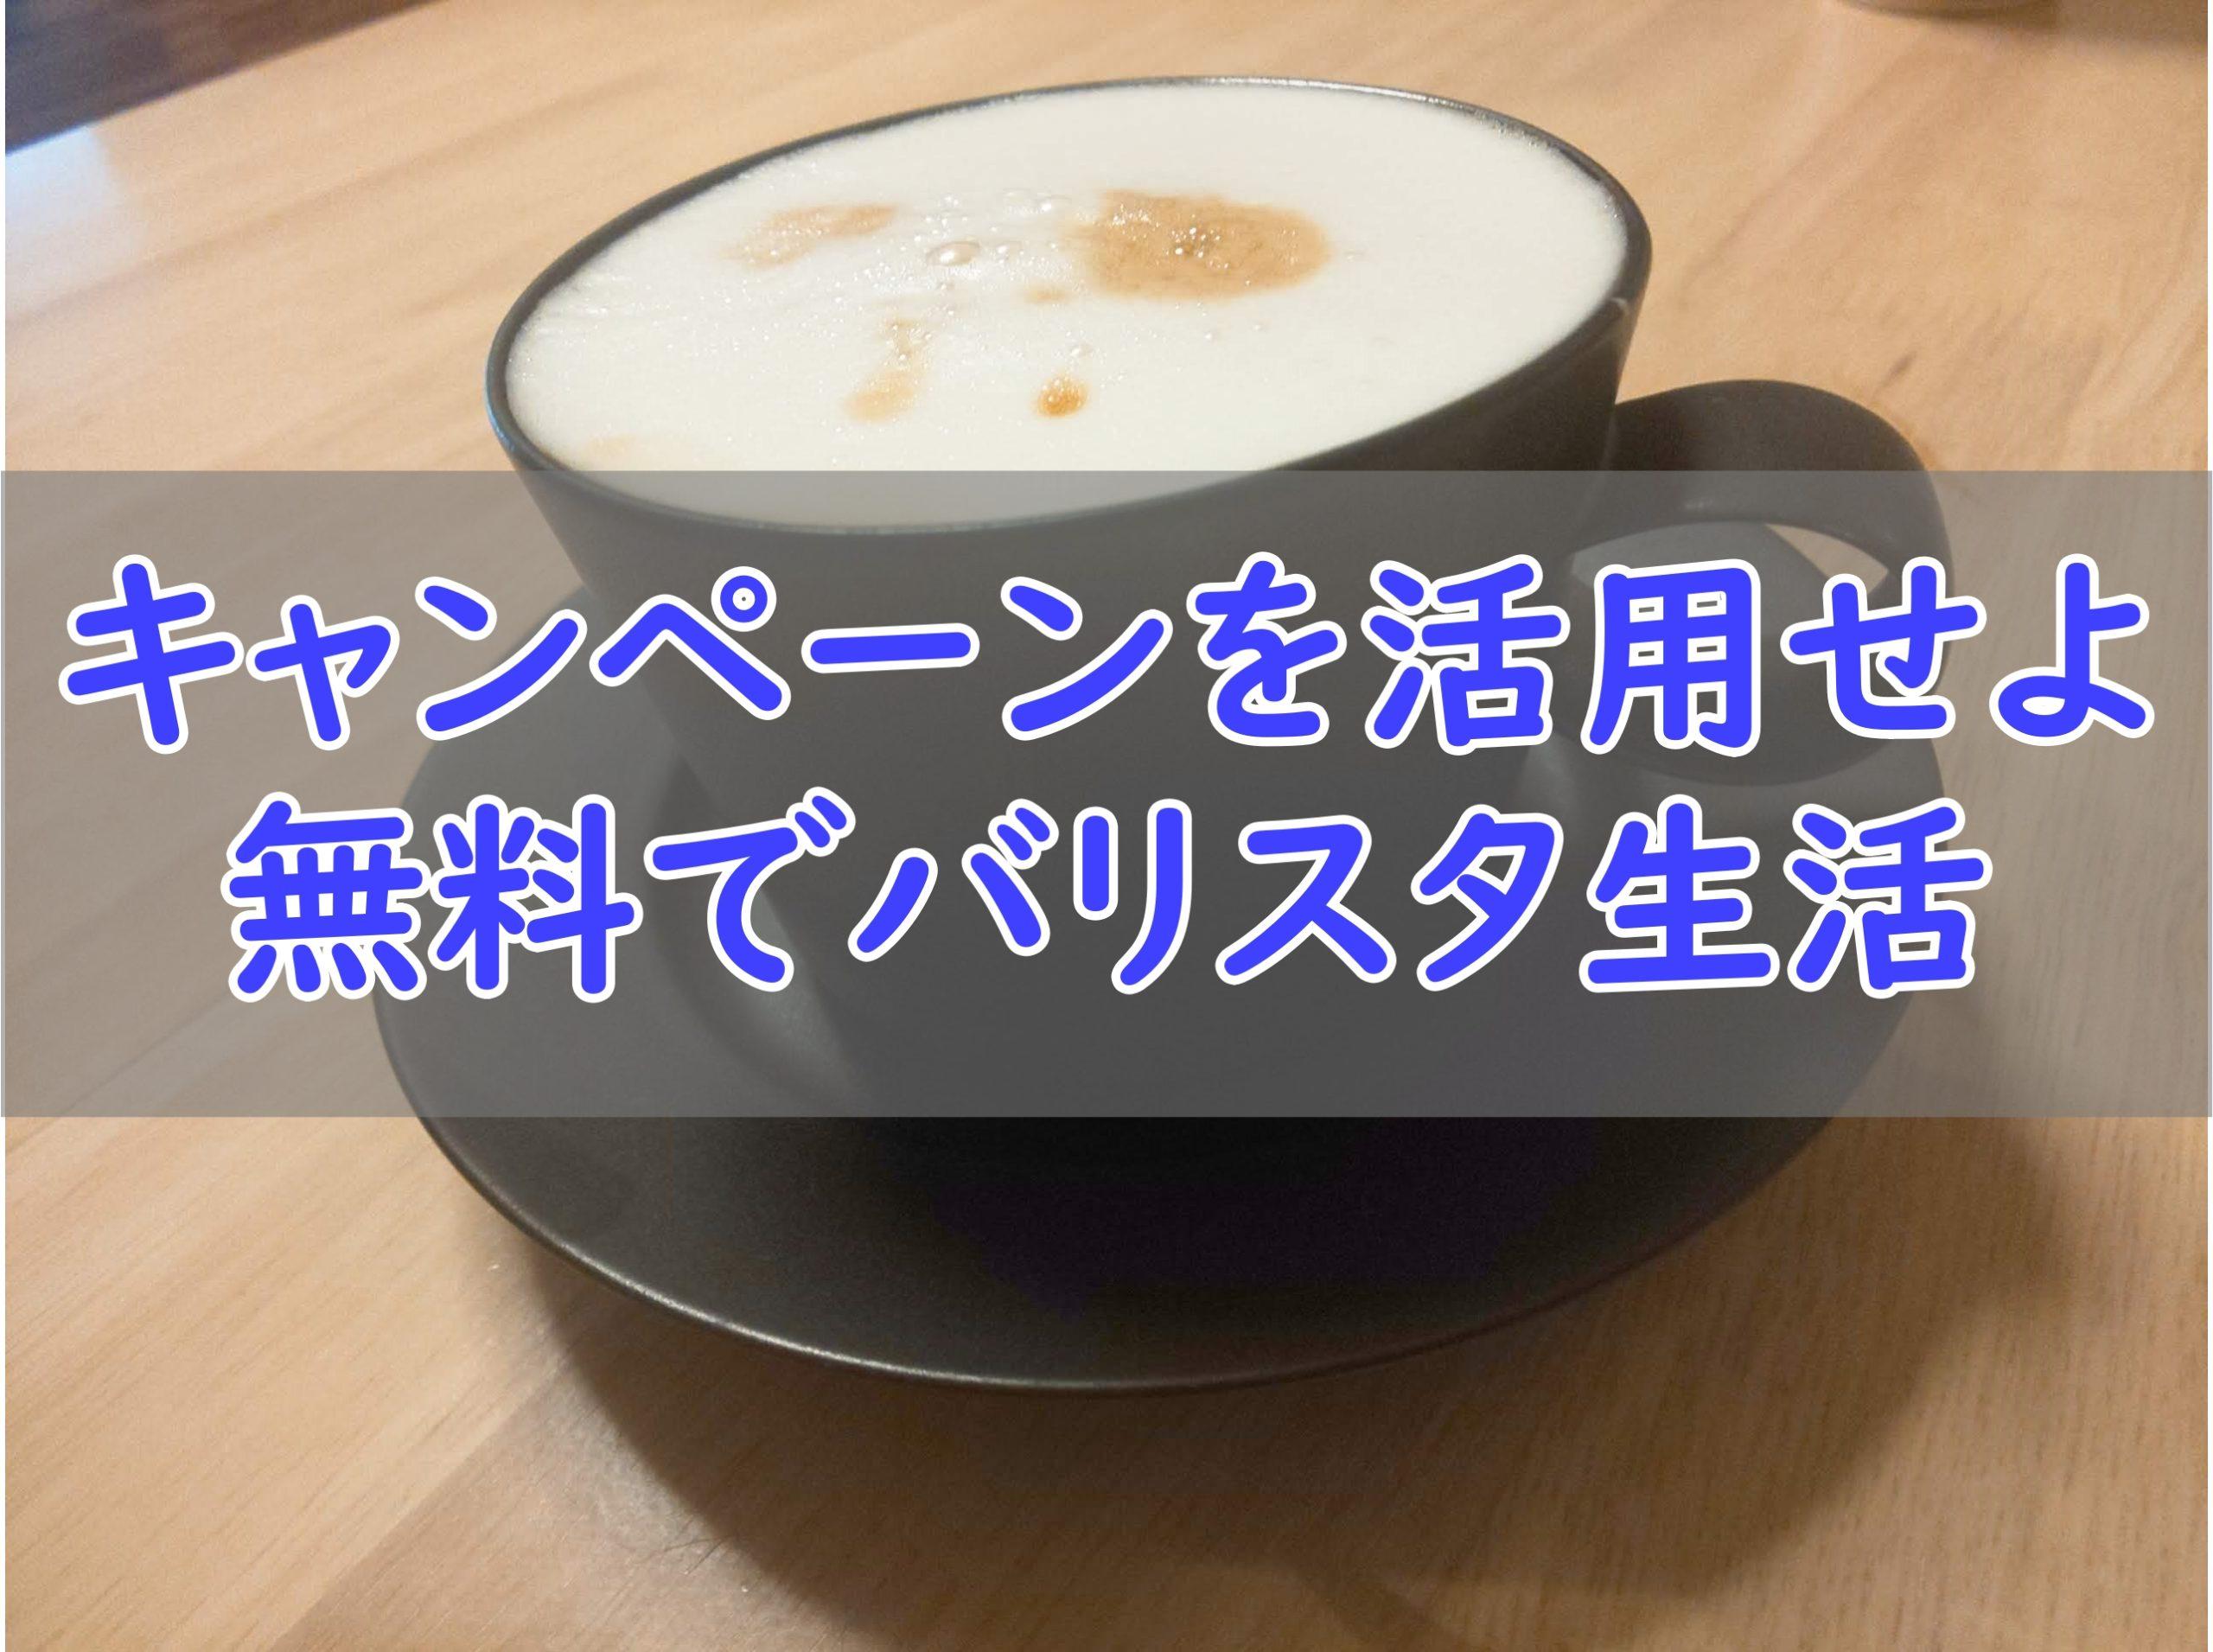 お得にバリスタコーヒのある生活